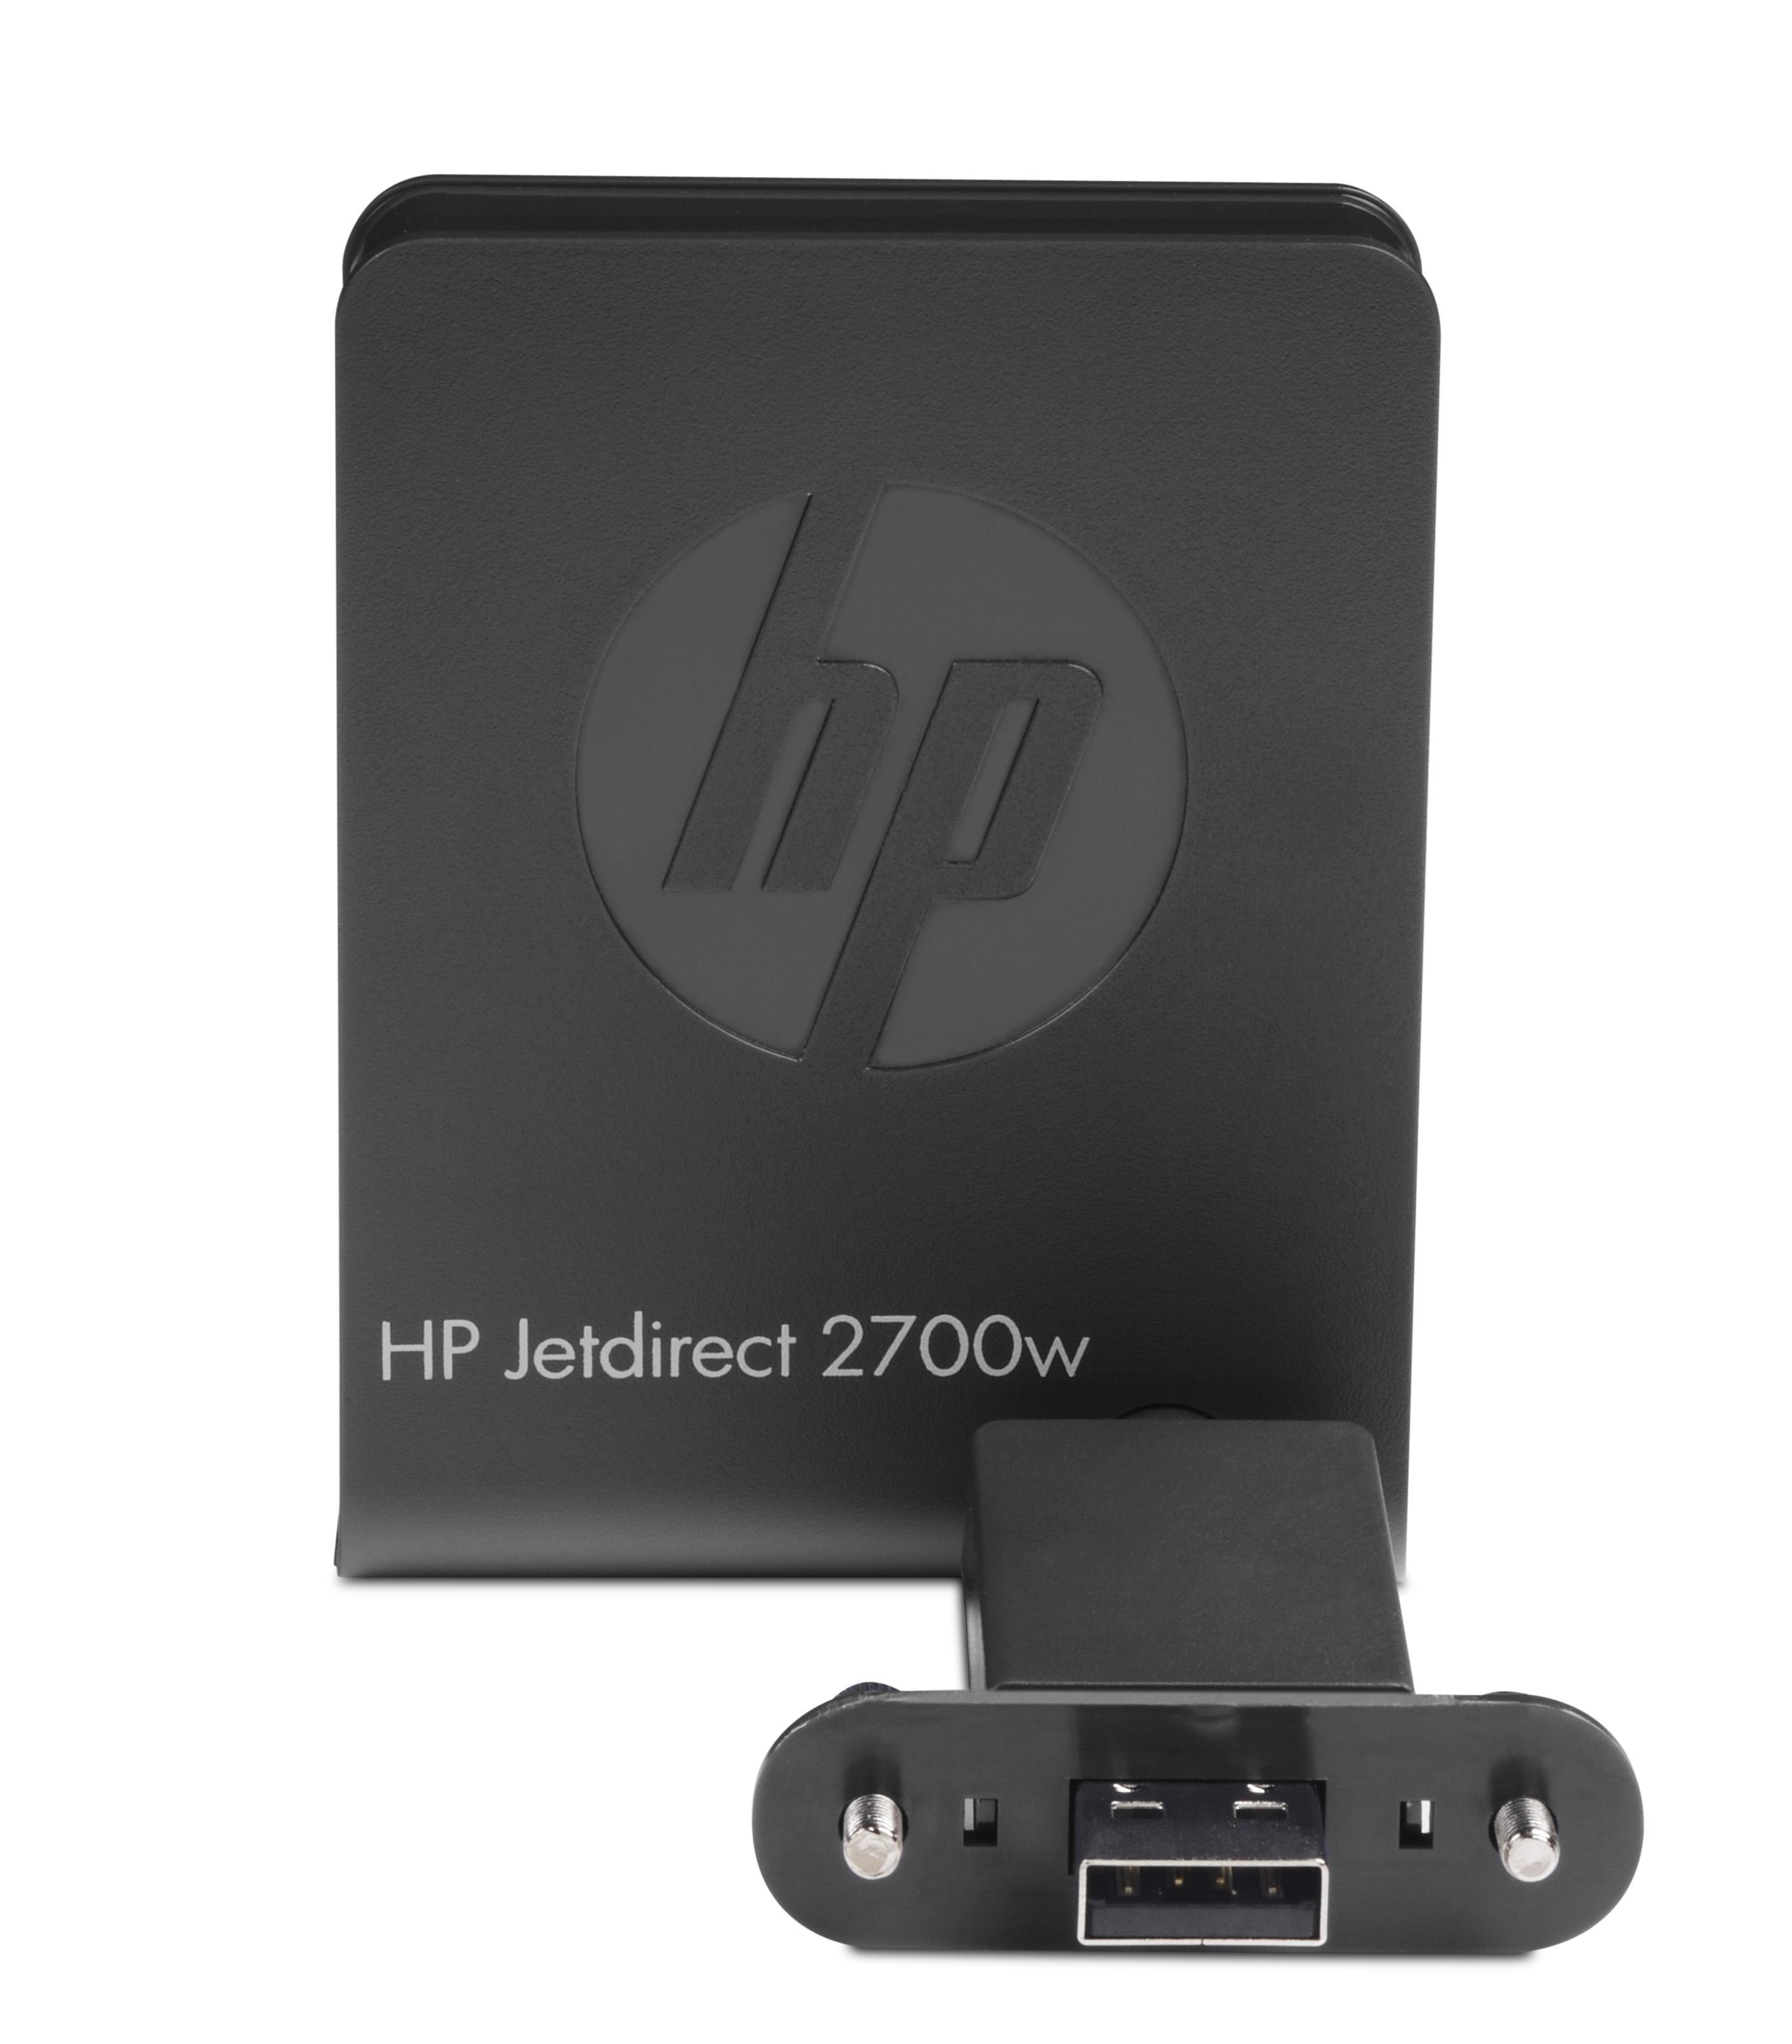 HP Jetdirect 2700w USB Wireless Printer Server